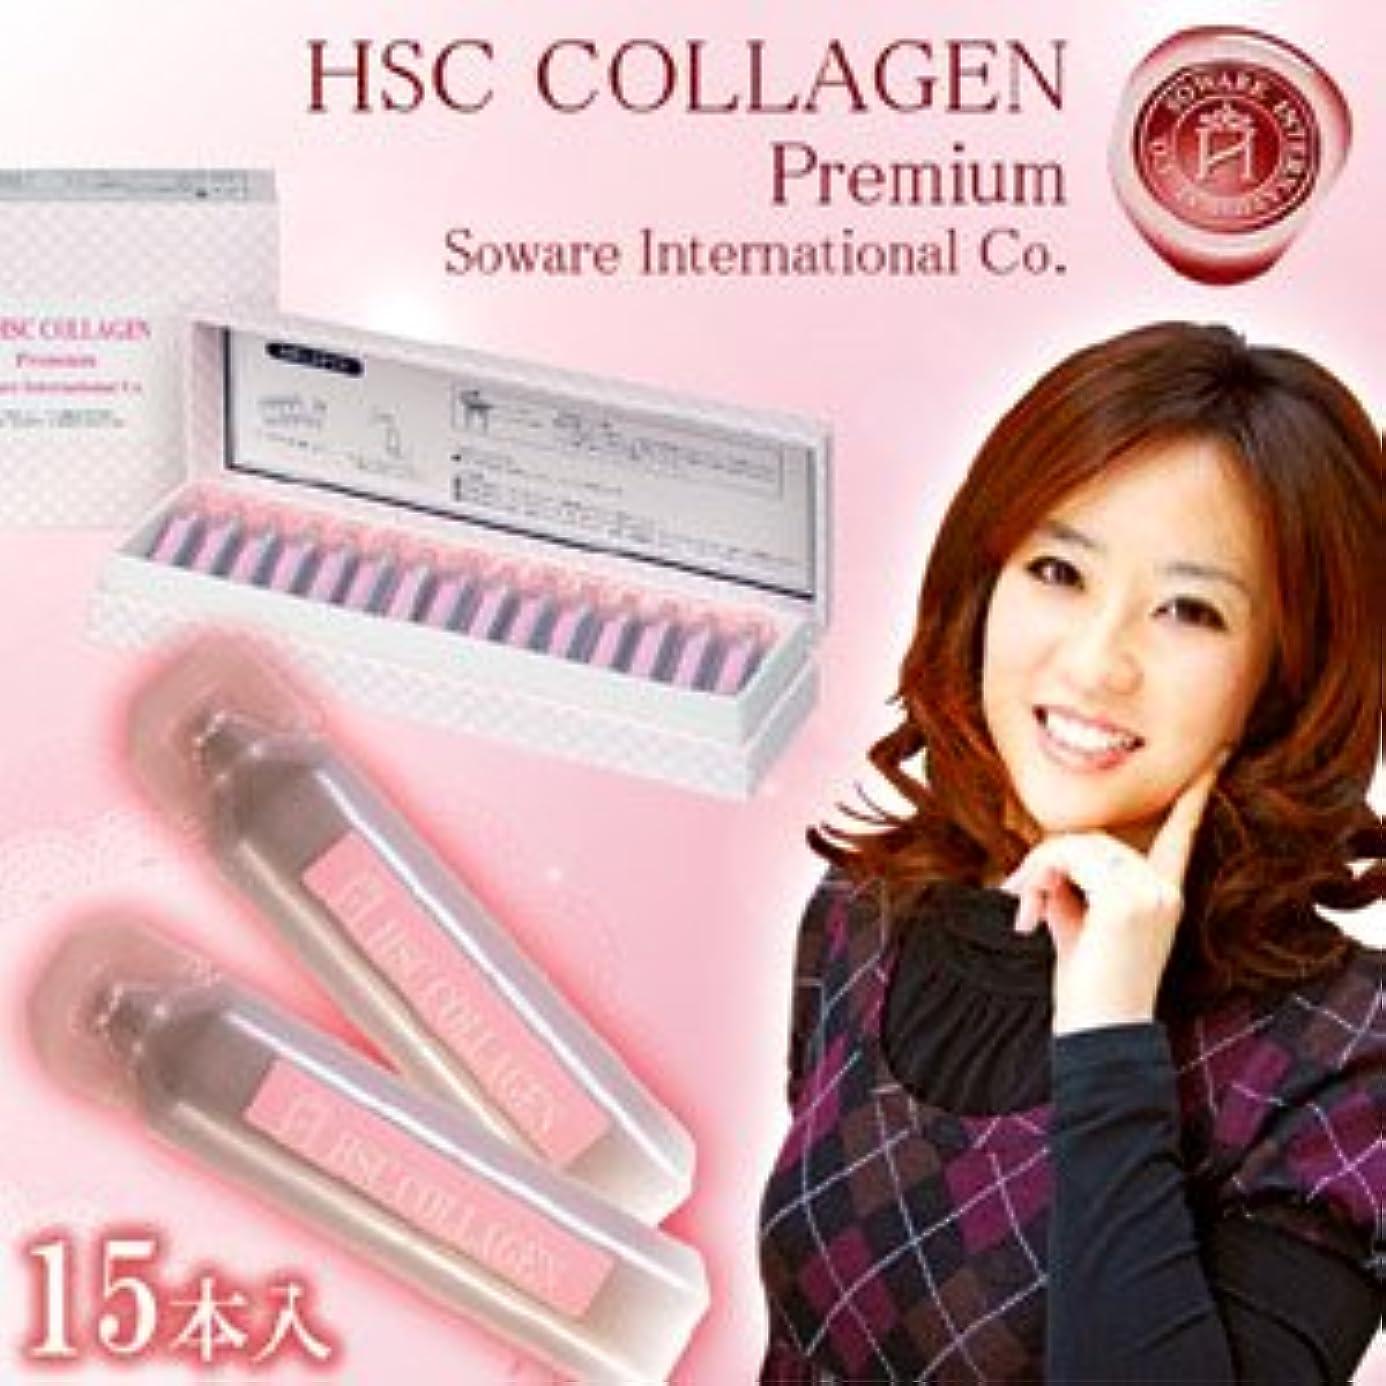 生コラーゲン濃縮液 HSCコラーゲンプレミアム(15本組)